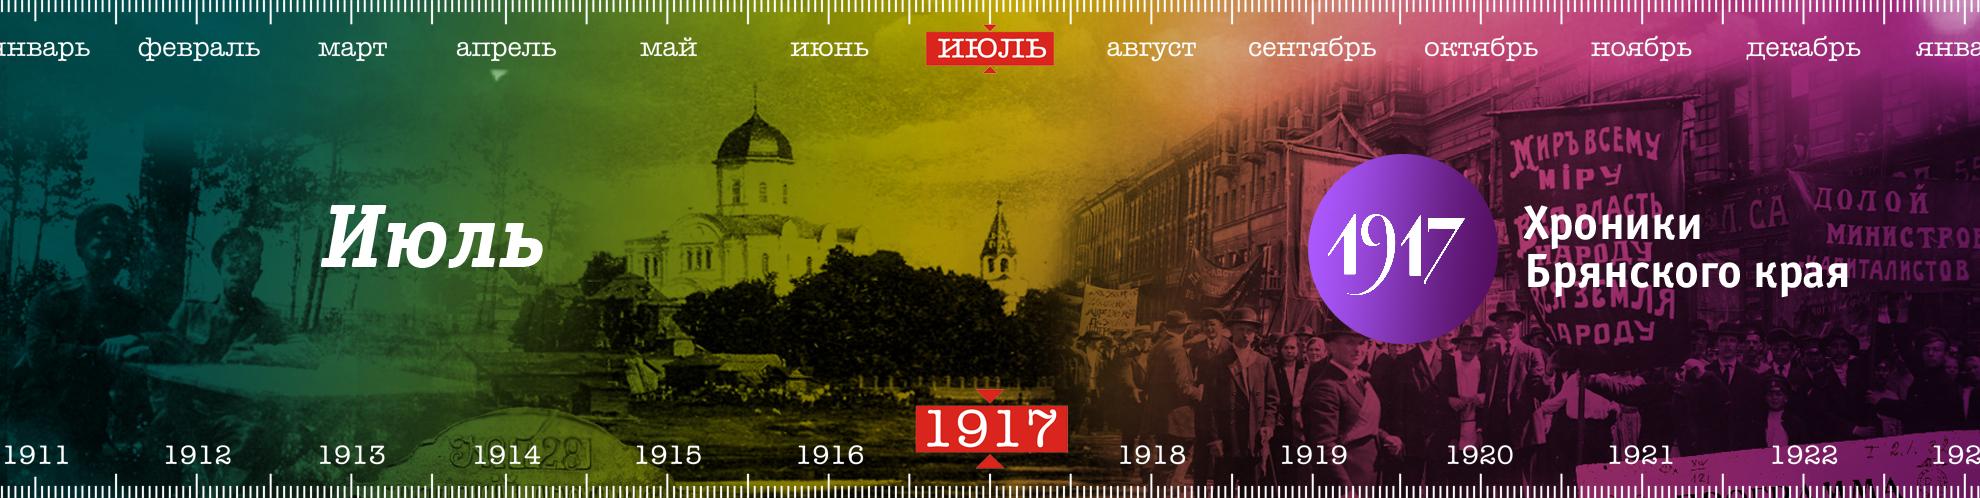 1917. Хроники Брянского края - Июль